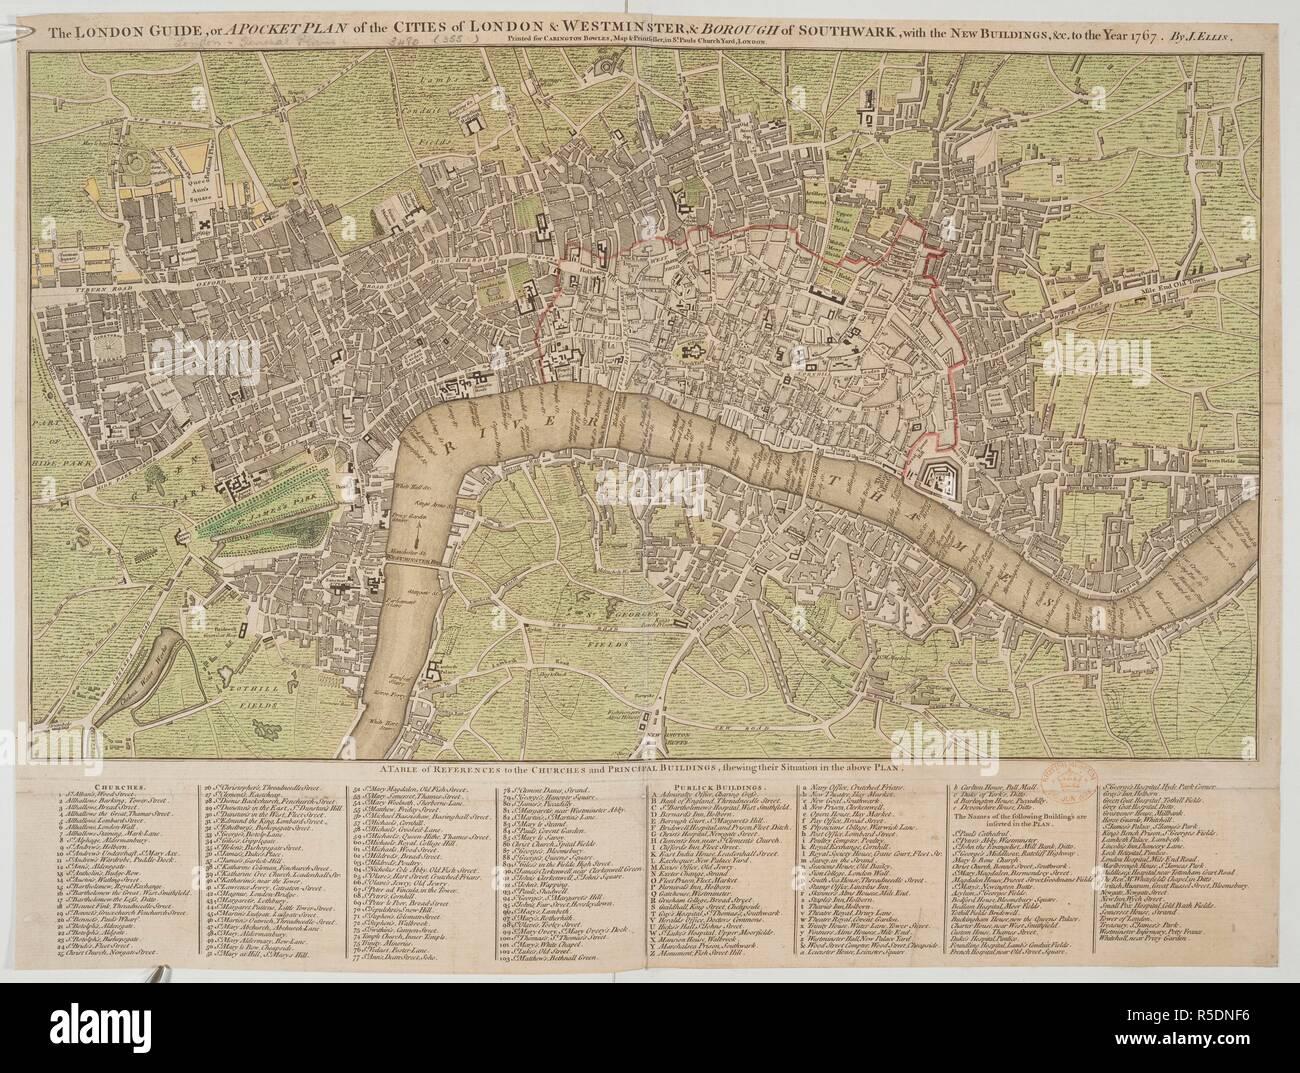 Karte London Stadtteile.Eine Karte Von London Die London Guide Oder Ein Pocket Plan